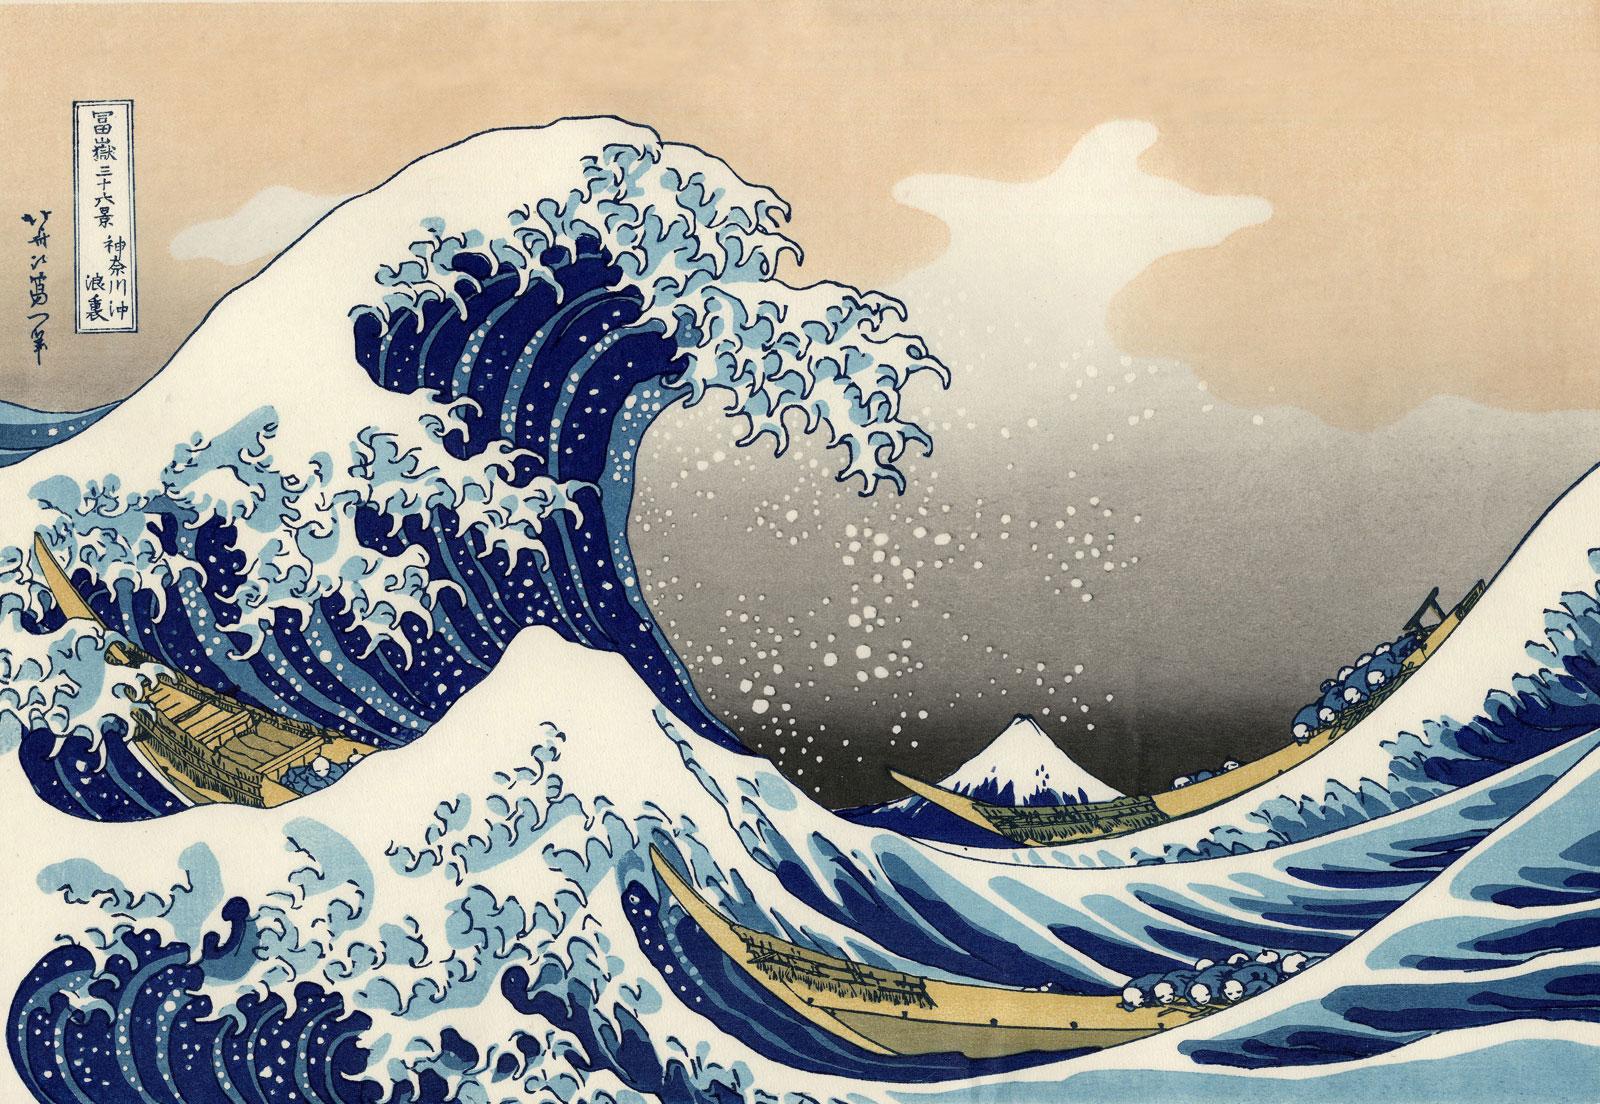 平铺海浪花纹